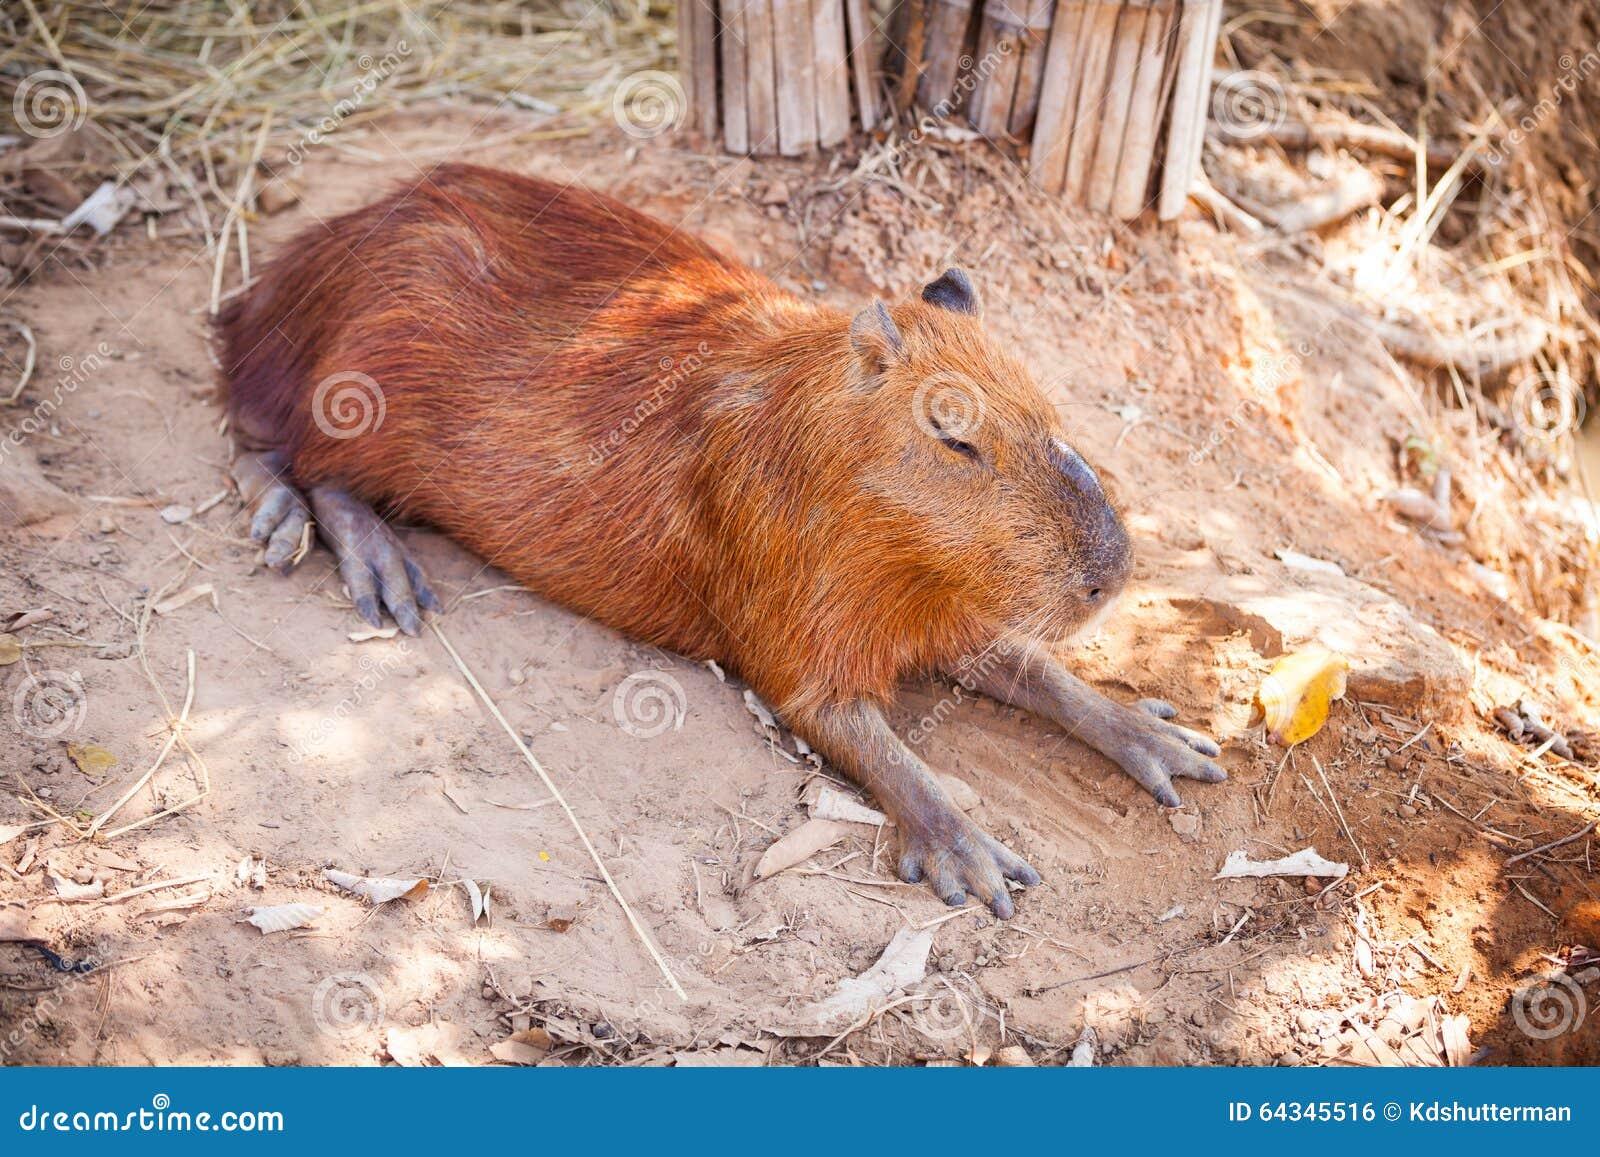 Slapen Op Grond : Een capybara slaap op naakte grond stock foto afbeelding bestaande